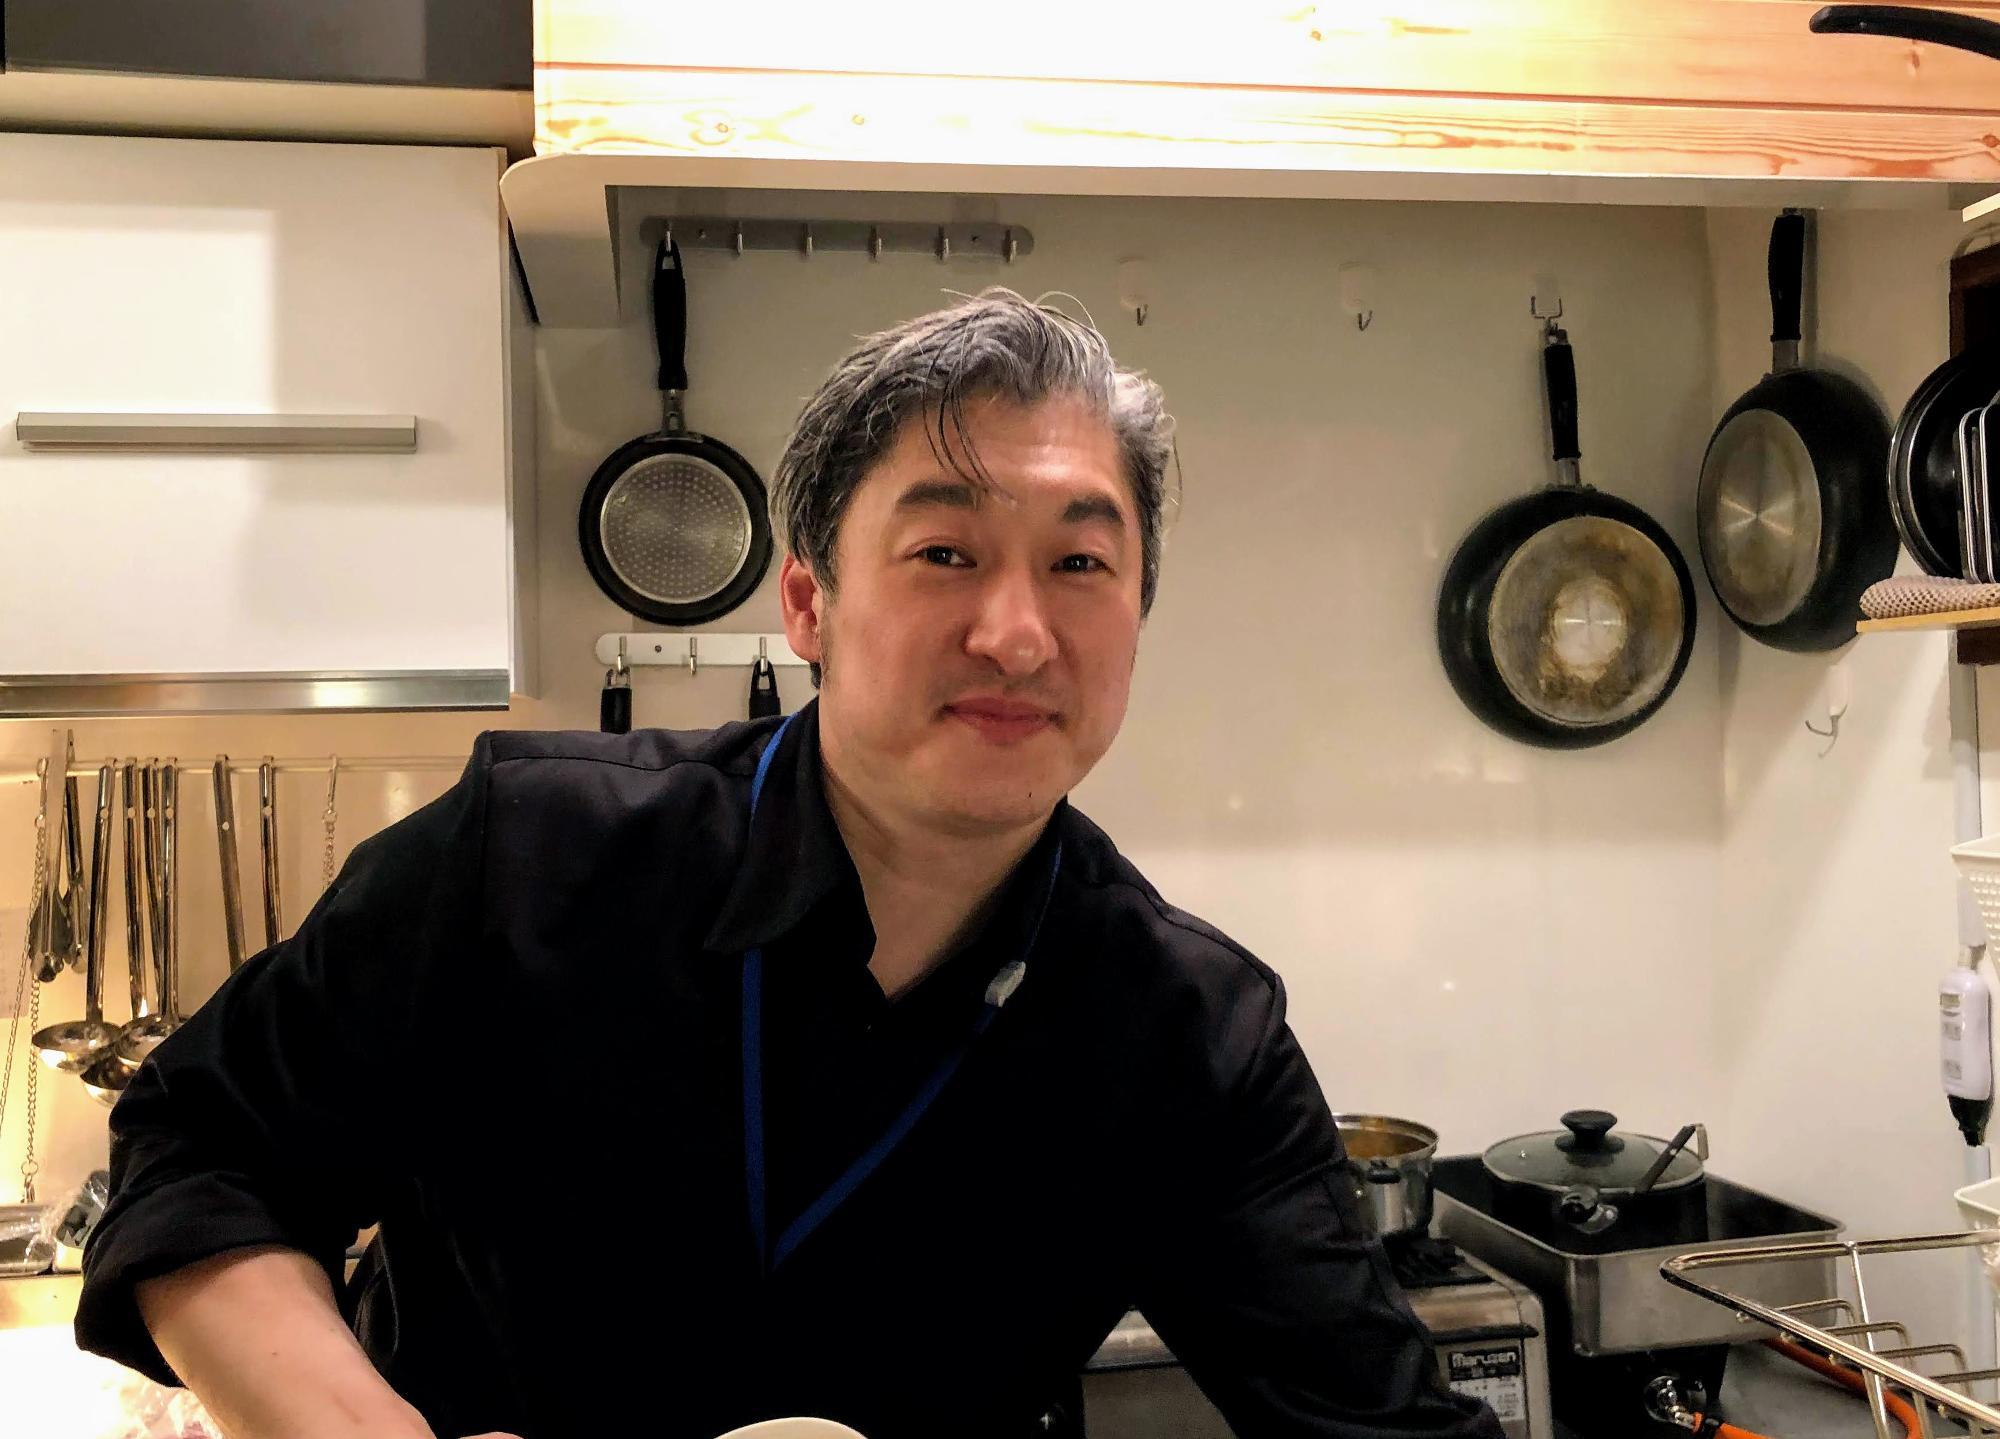 カメラを向けると、マスクを外して笑顔を見せてくださいました。この優しさは料理の味にもしっかり感じられました